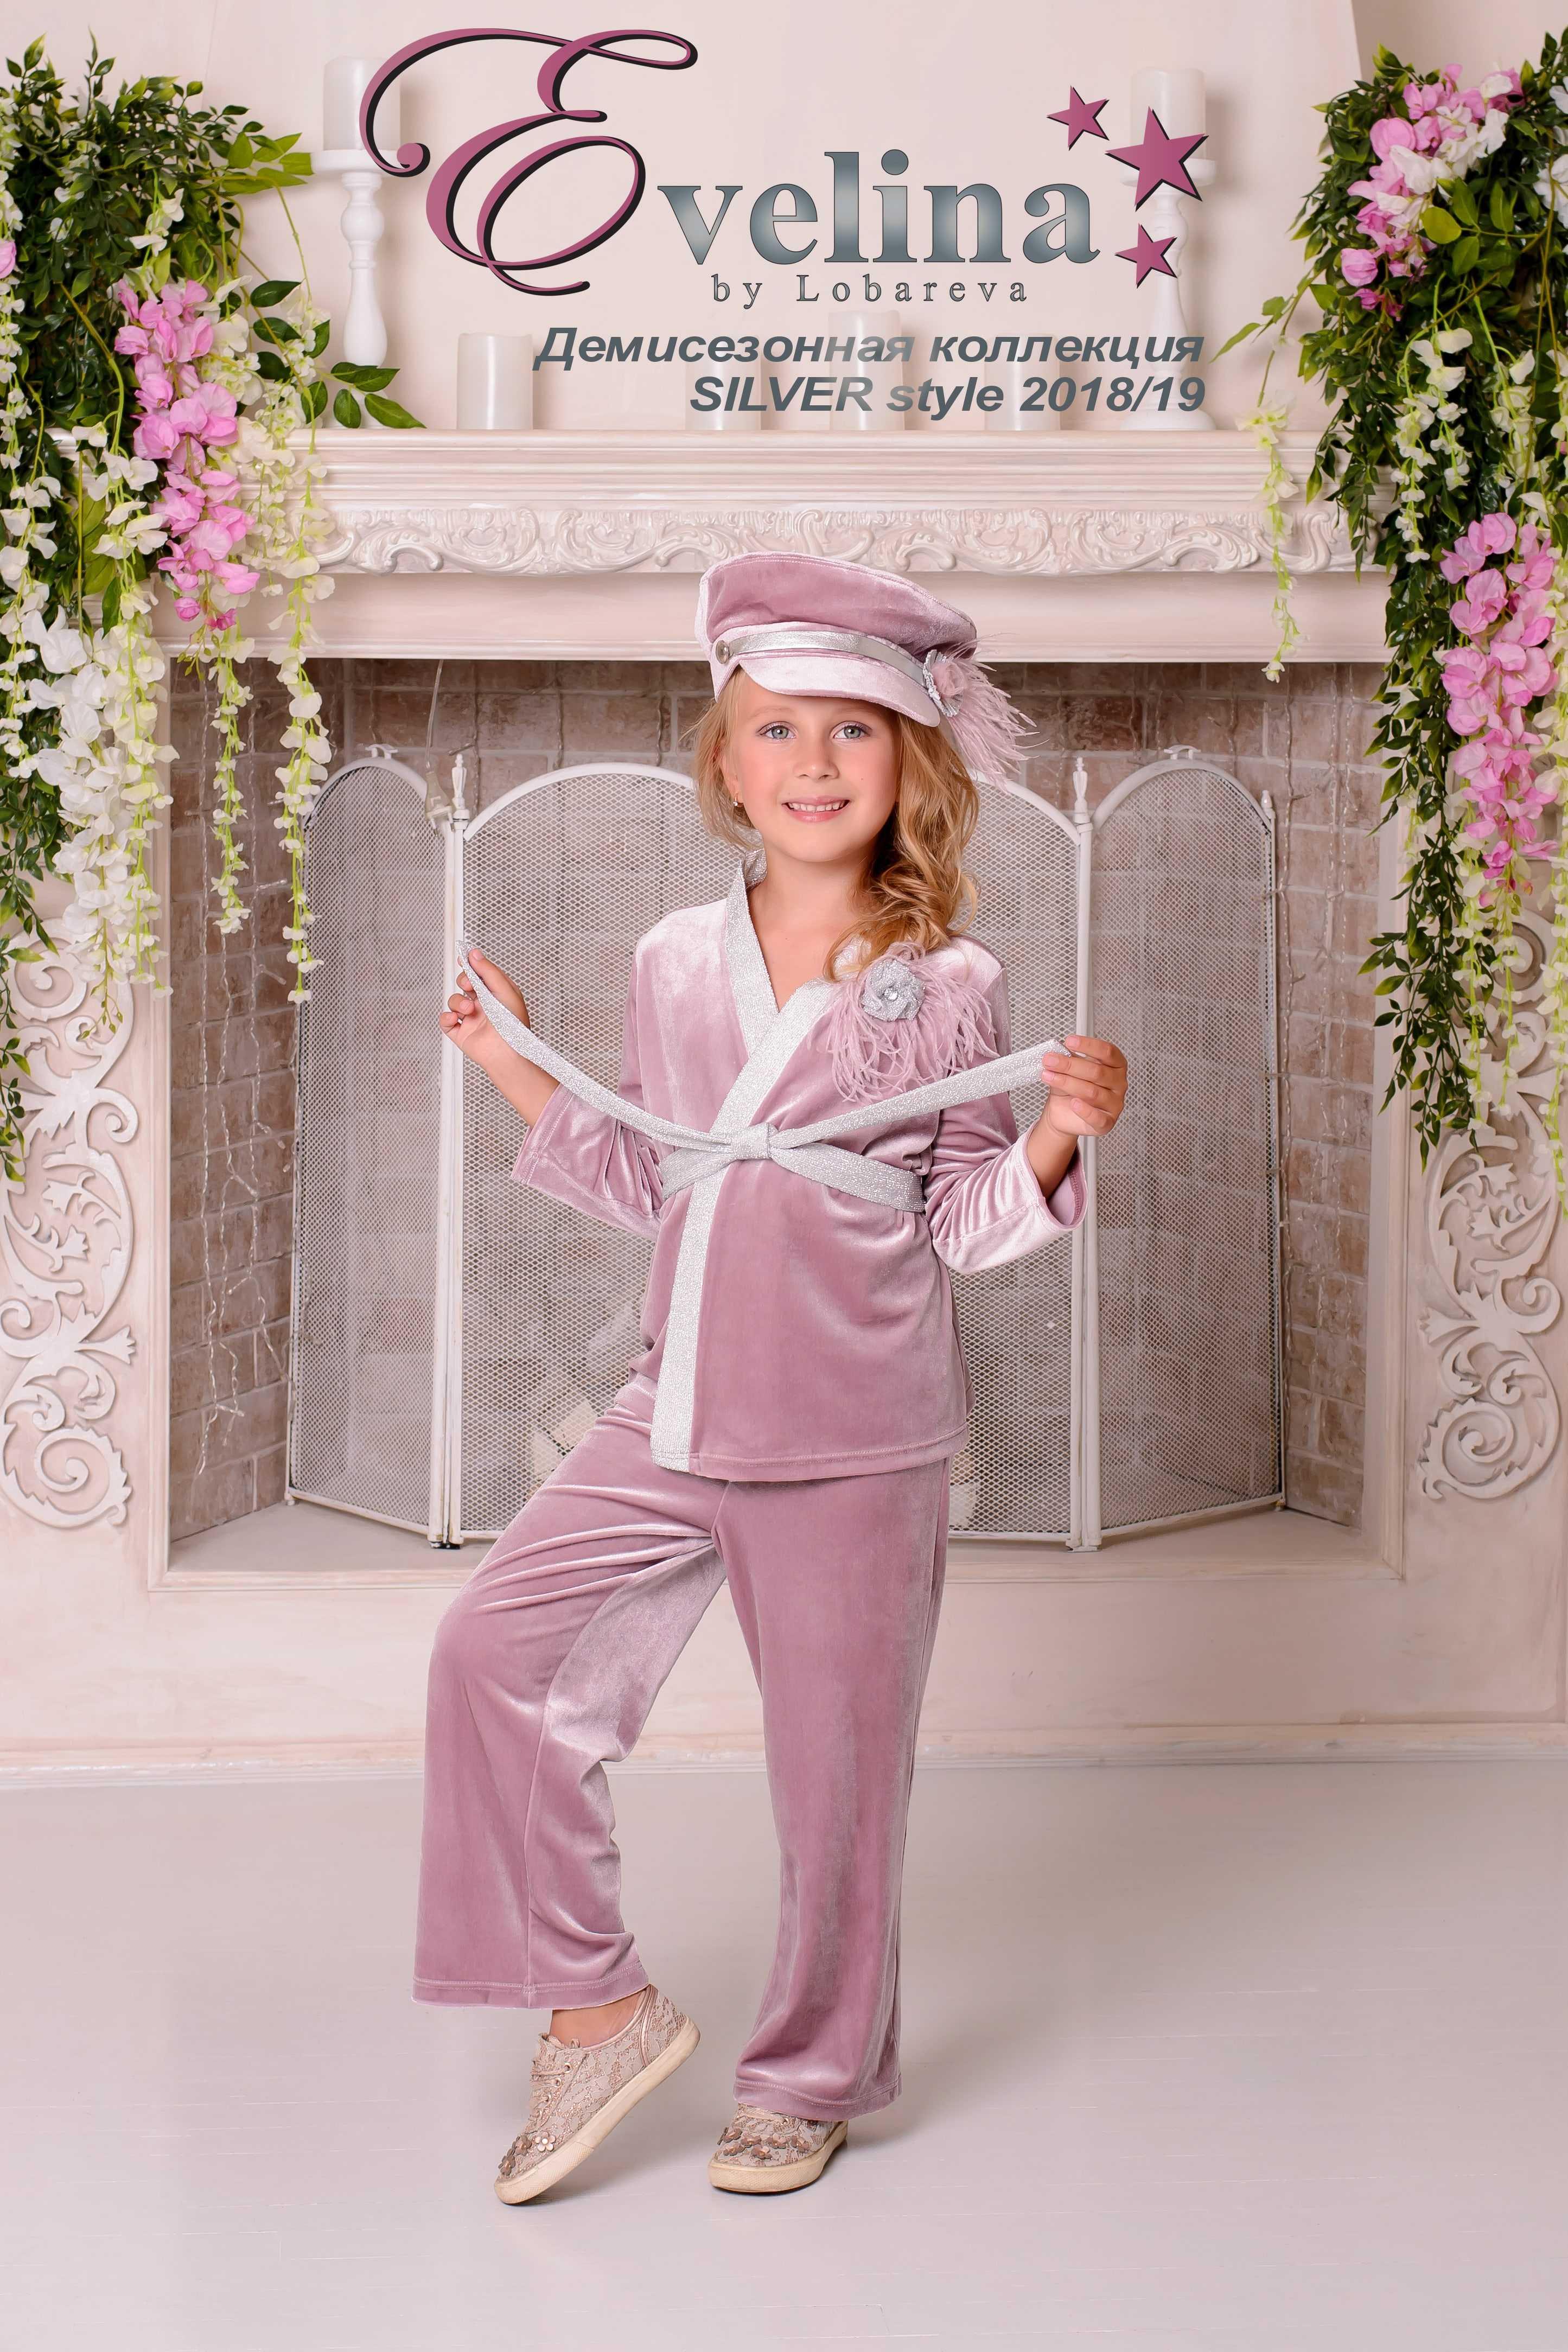 демисезонная коллекция детской одежды от EVELINA by Lobareva Украина 4-min